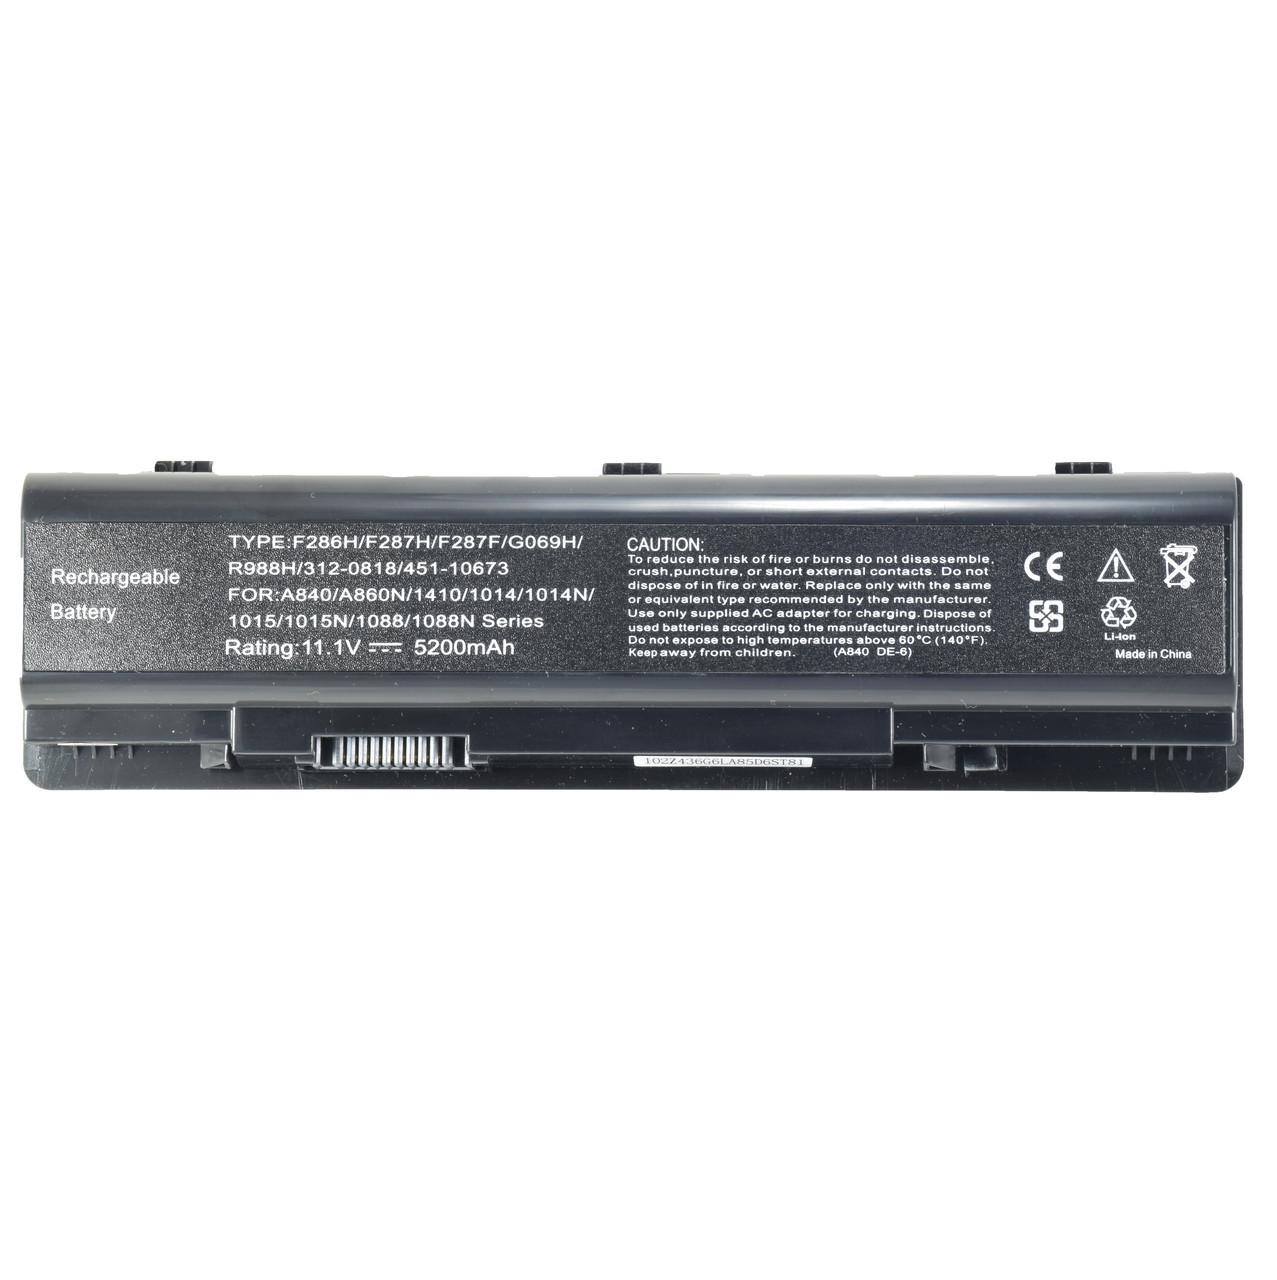 Батарея для ноутбука 0G069H 0R988H DP-01072009 DP-07292008 G066H G069H PP37L PP38L QU-080807001